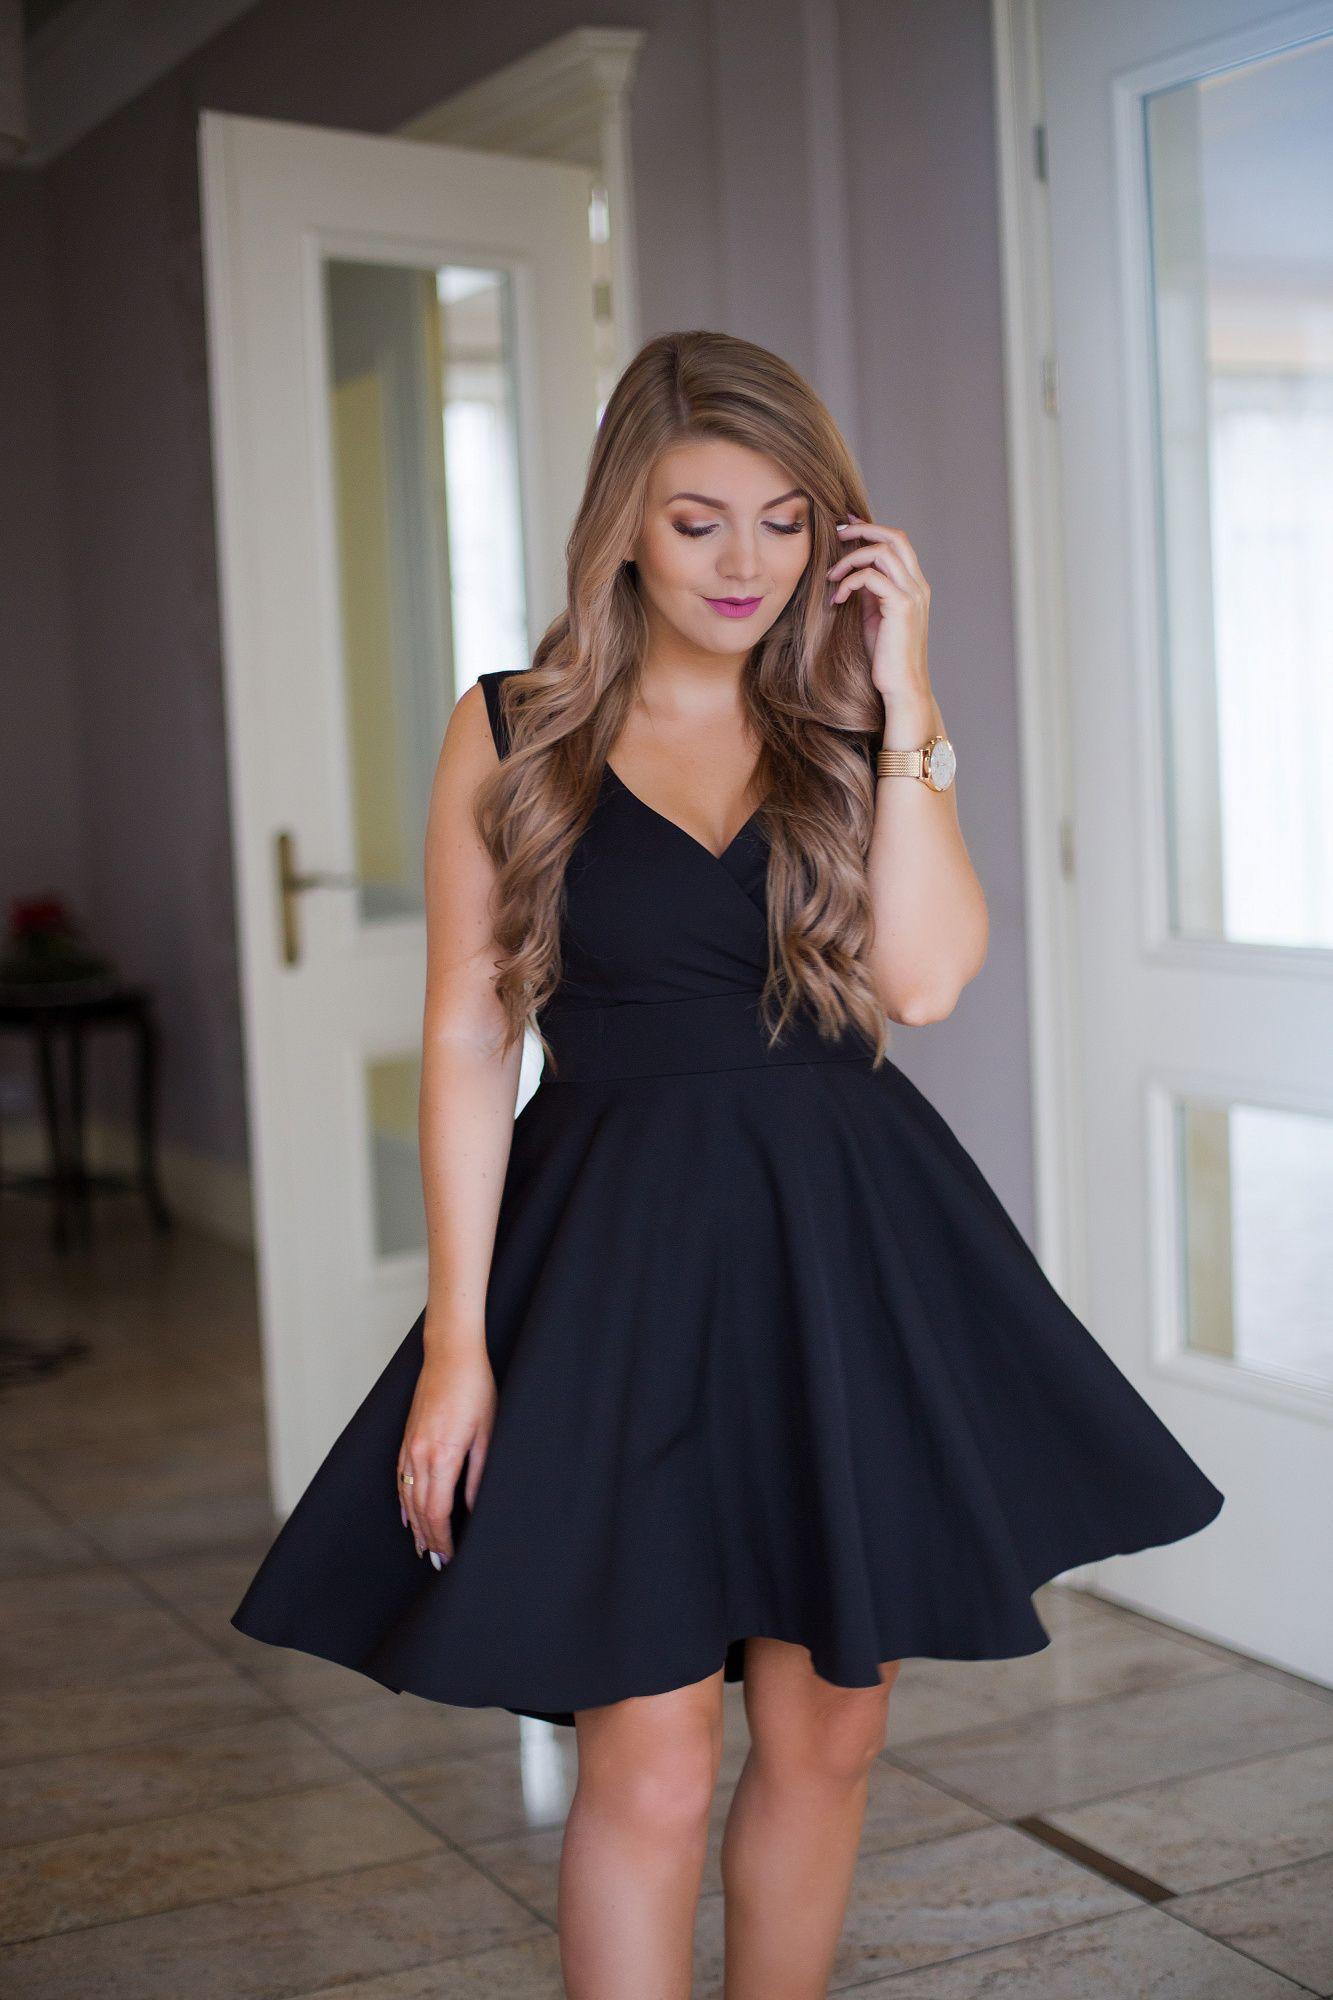 66086ce325441f Seksowna i elegancka sukienka - kopertowa góra odcinana pod biustem  szerszym paskiem, plecy z dekoltem